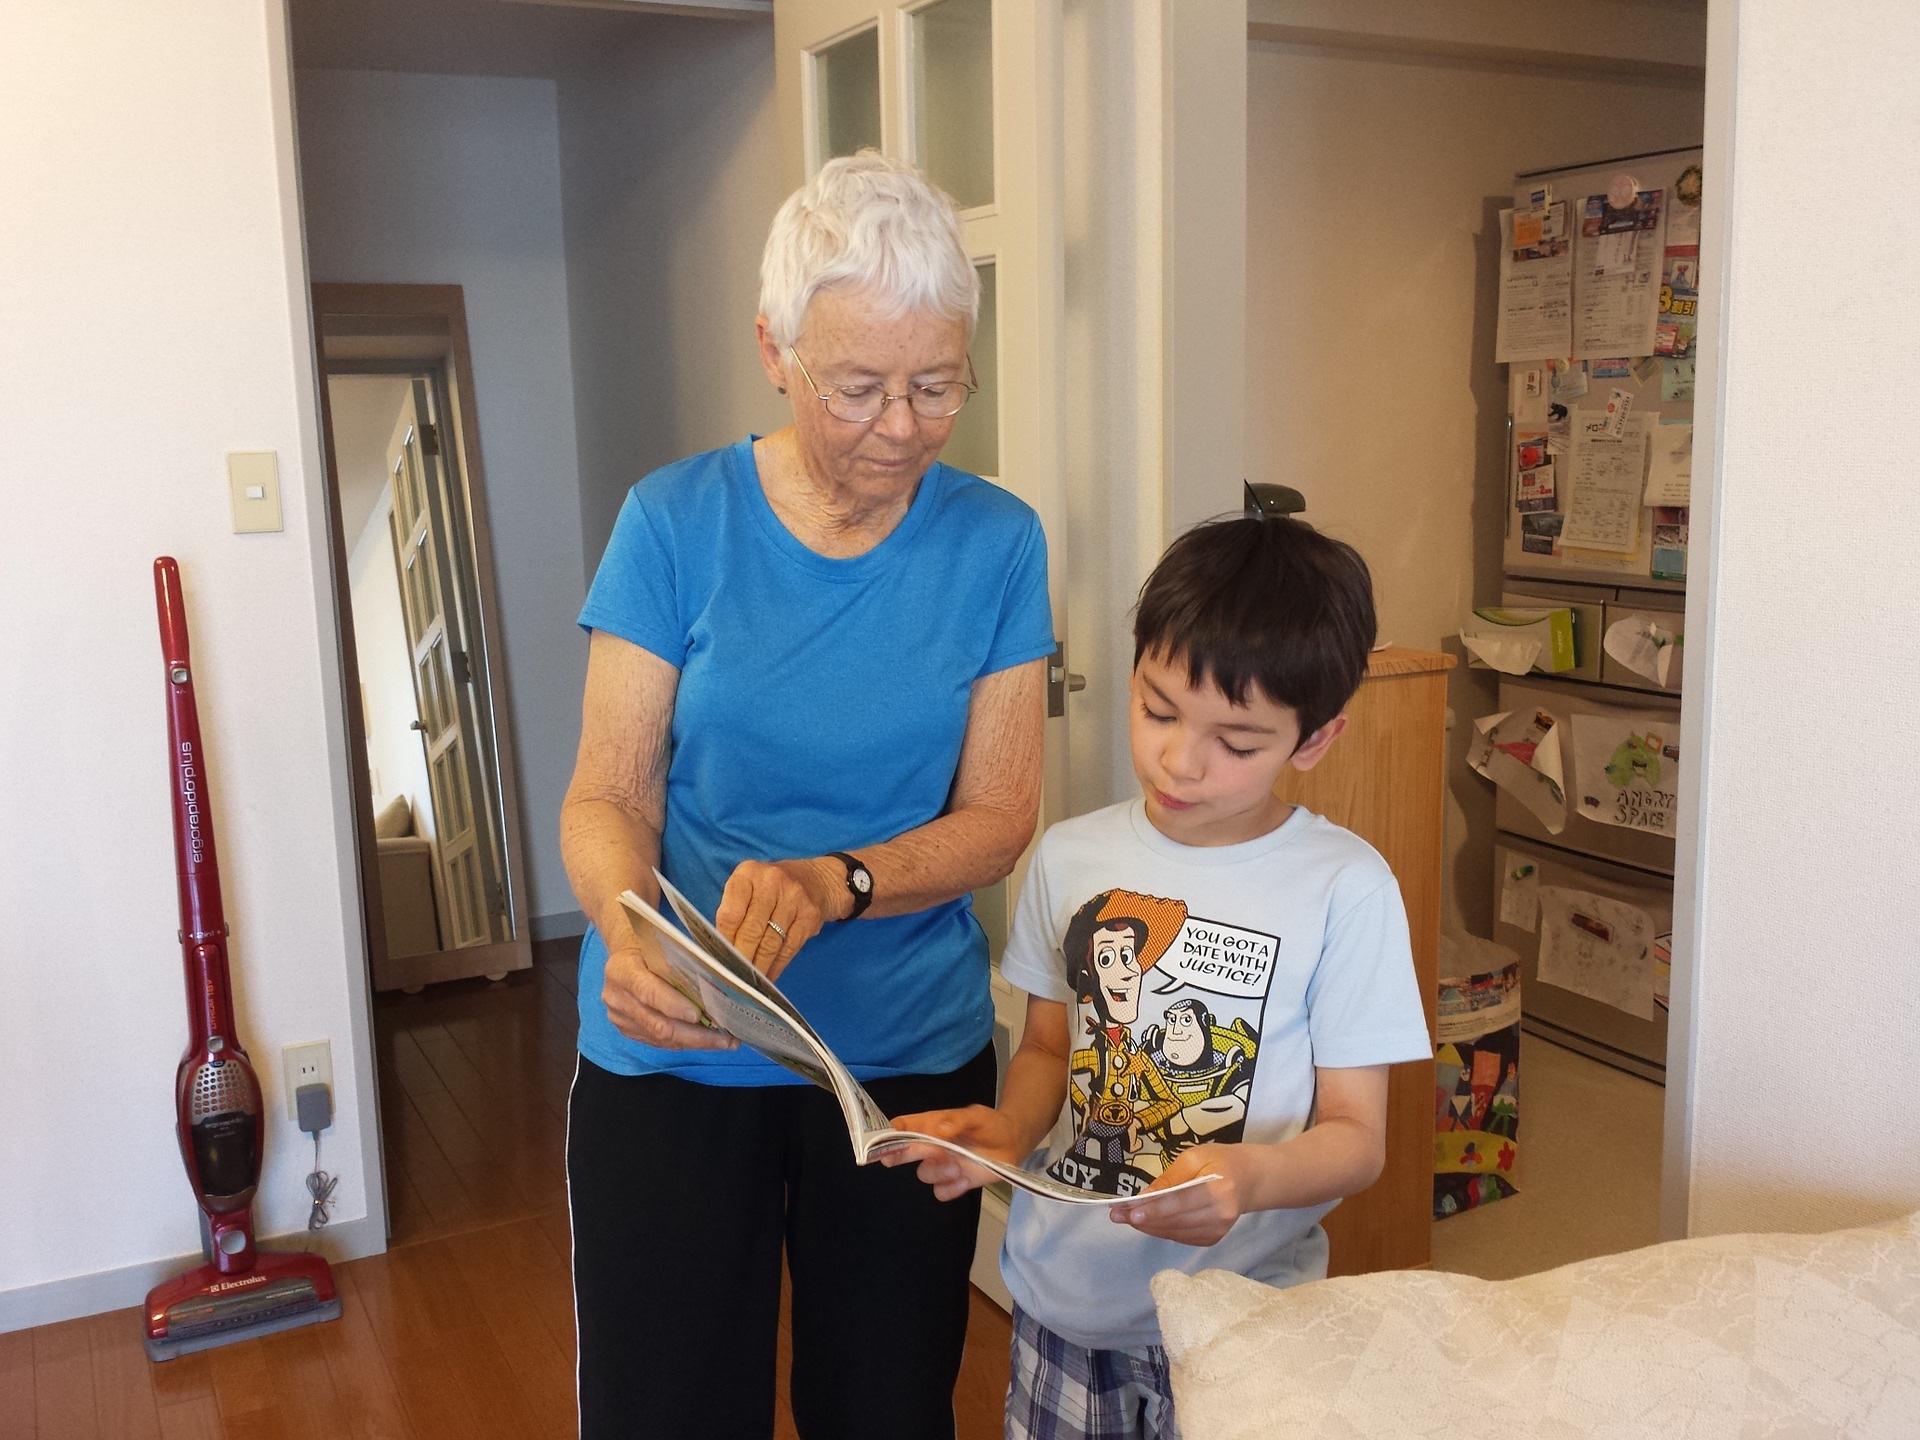 grandma-736004_1920_fujidreams